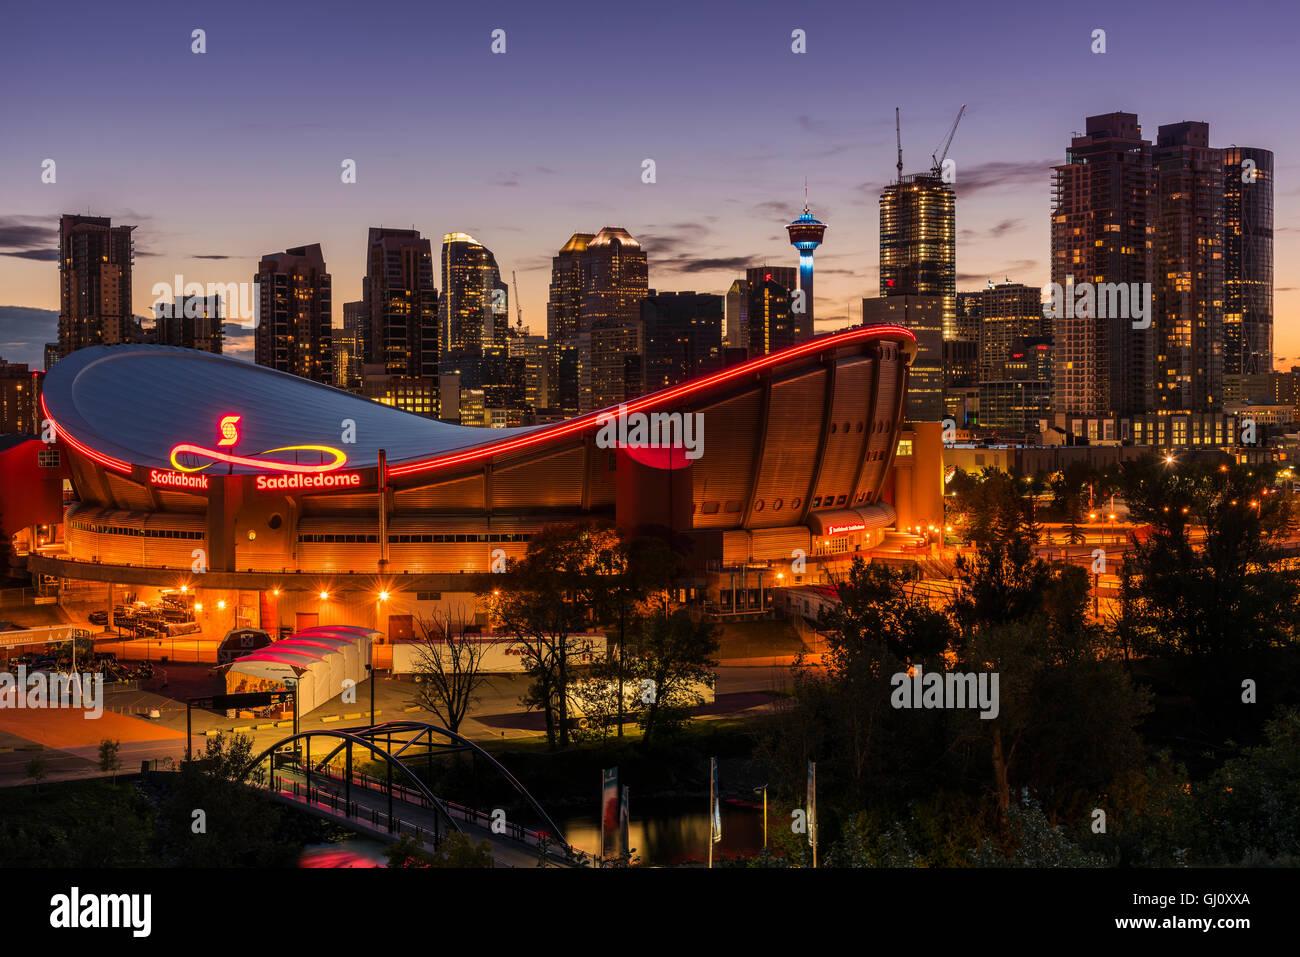 Vista notturna di Saddledome Stadium e dello skyline della città di Calgary, Alberta, Canada Immagini Stock